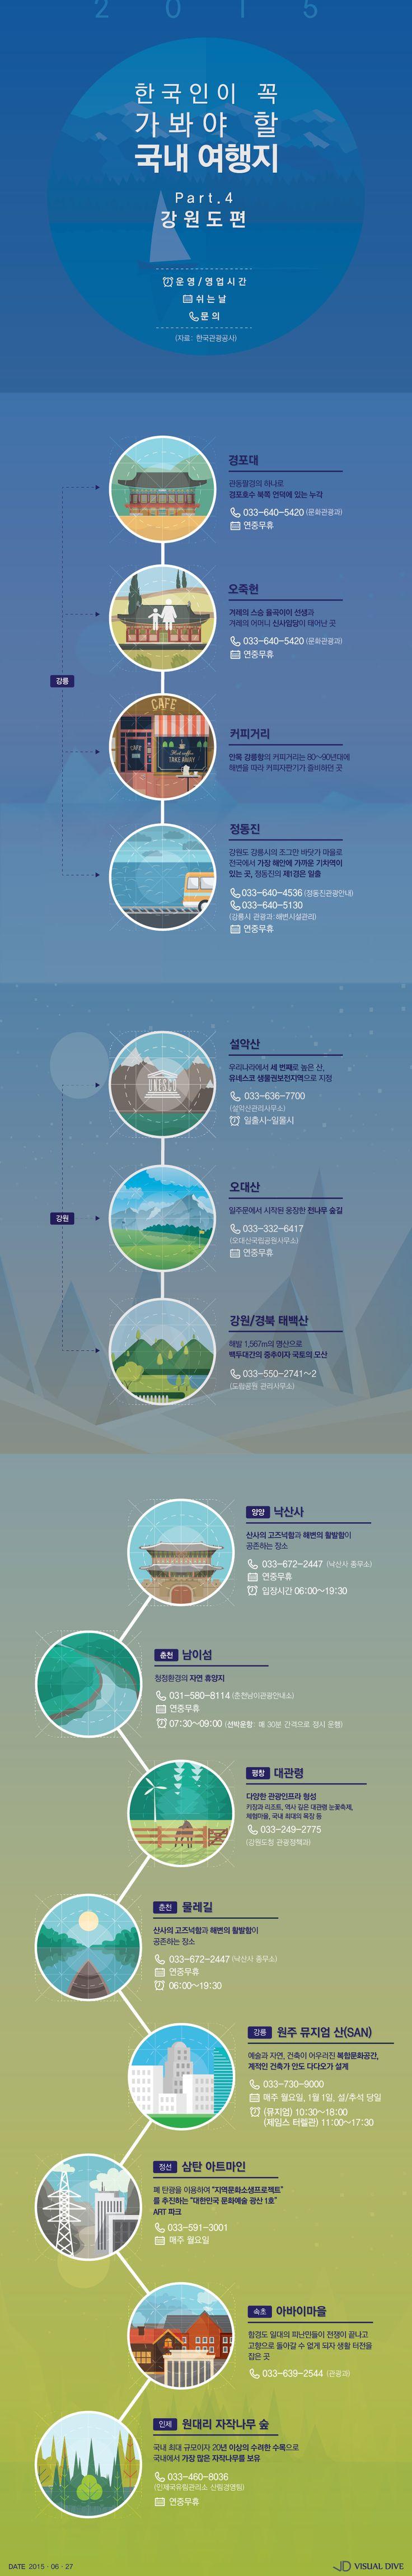 '6월의 끝을 잡고~'…꼭 가봐야 할 강원도 추천 여행지 [인포그래픽] #Travel / #Infographic ⓒ 비주얼다이브 무단 복사·전재·재배포 금지